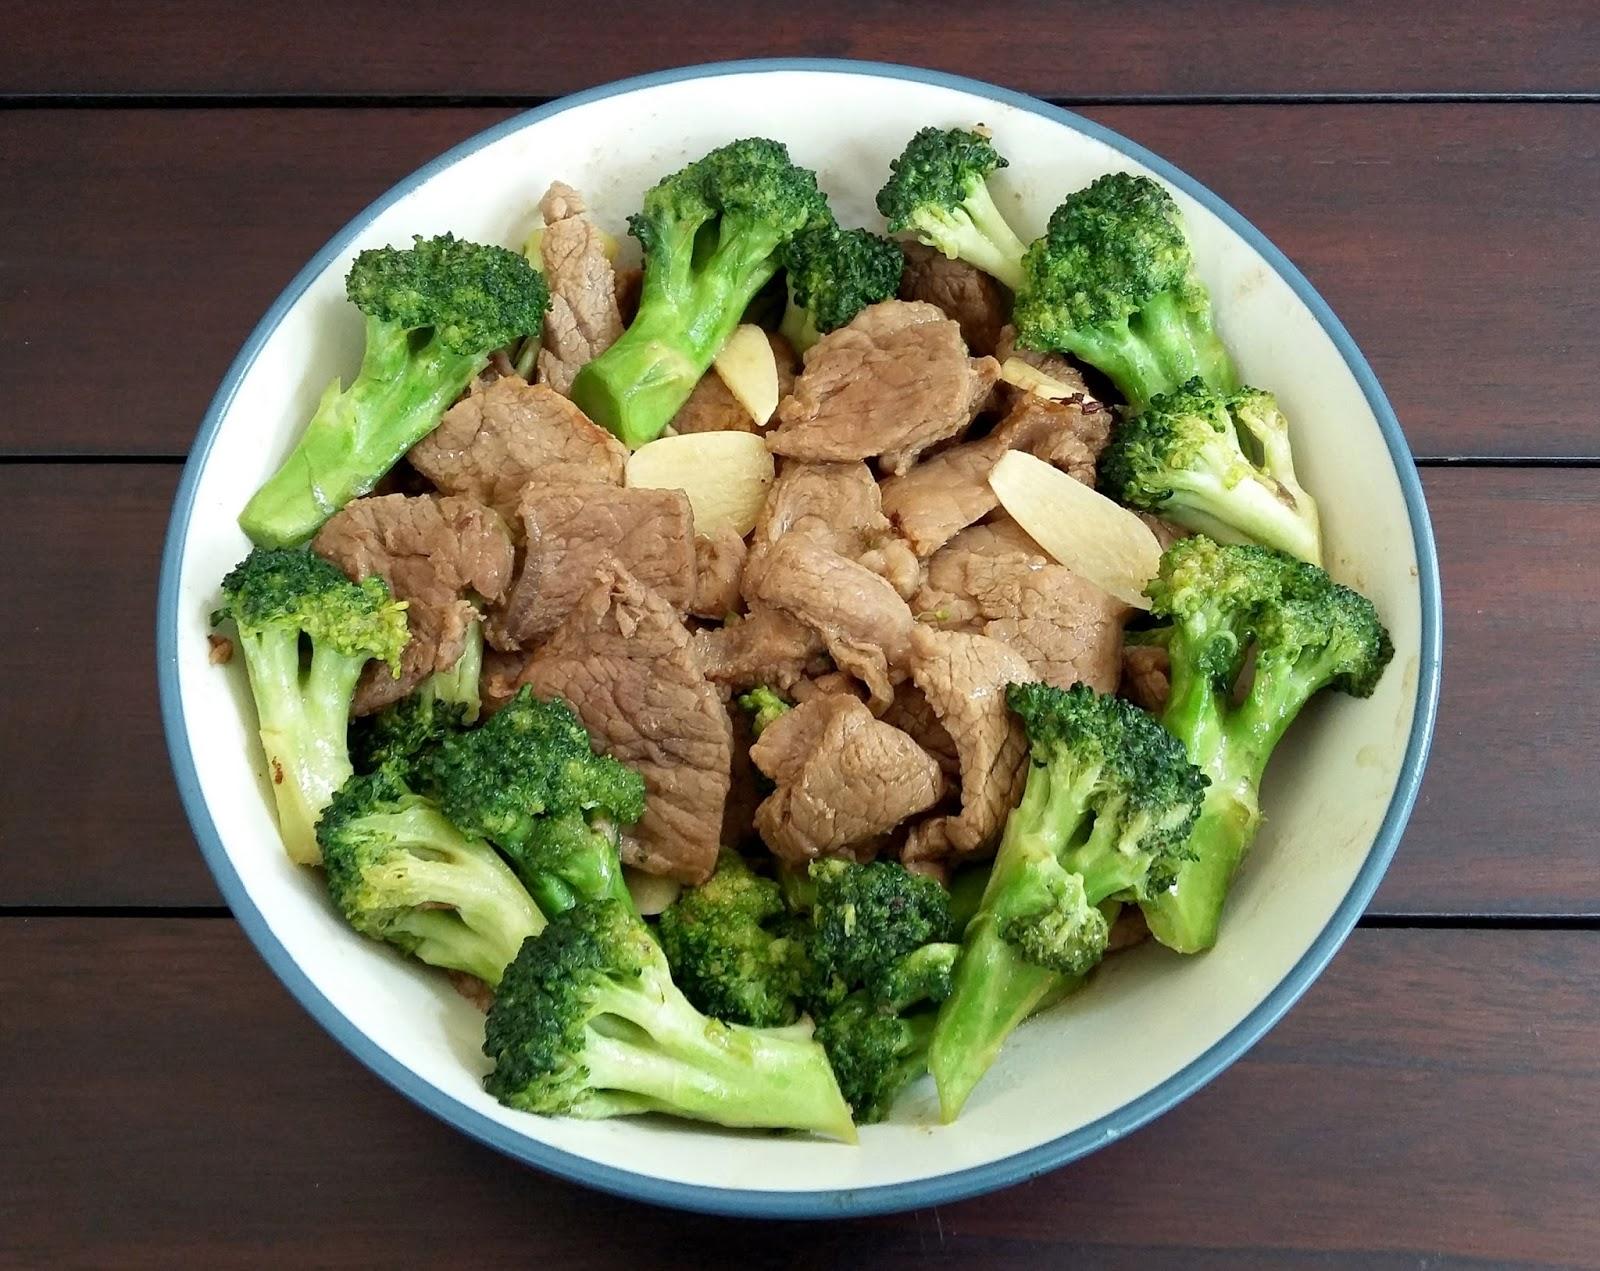 resep tumis brokoli makaroni